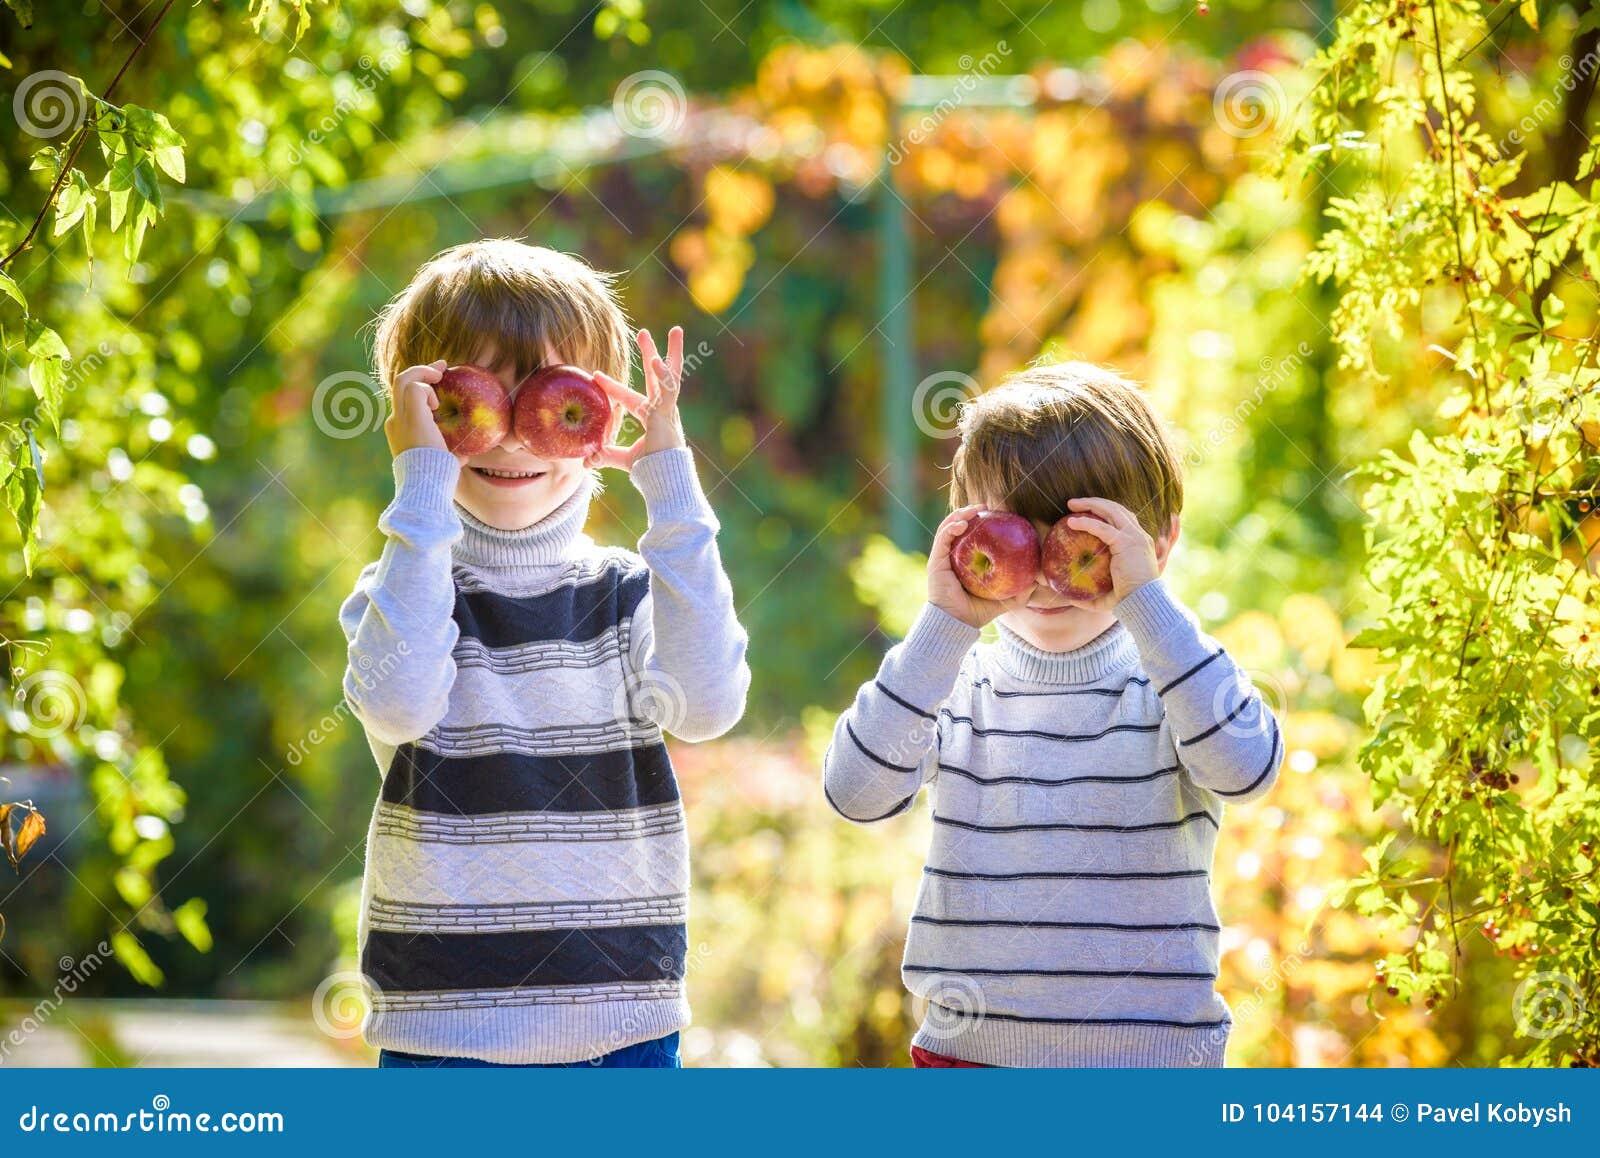 Divertimento della famiglia durante il tempo di raccolto su un azienda agricola Bambini che giocano nel giardino di autunno